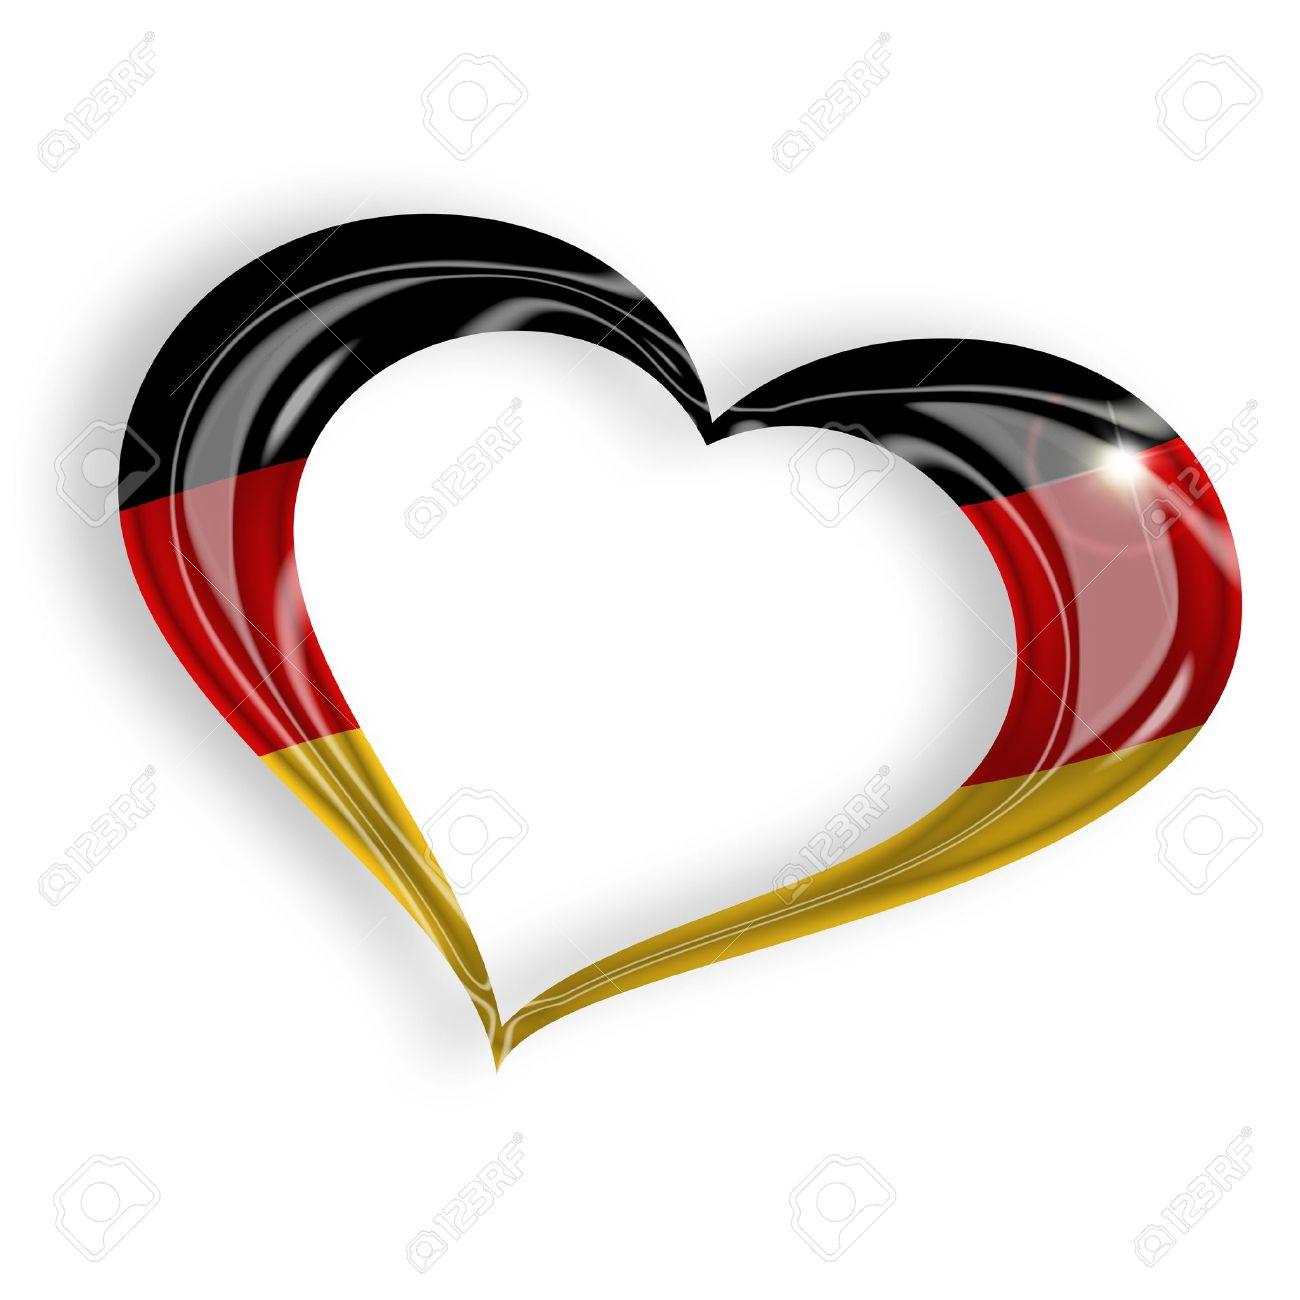 Charmant Herz Flagge Malseite Bilder - Malvorlagen Von Tieren ...